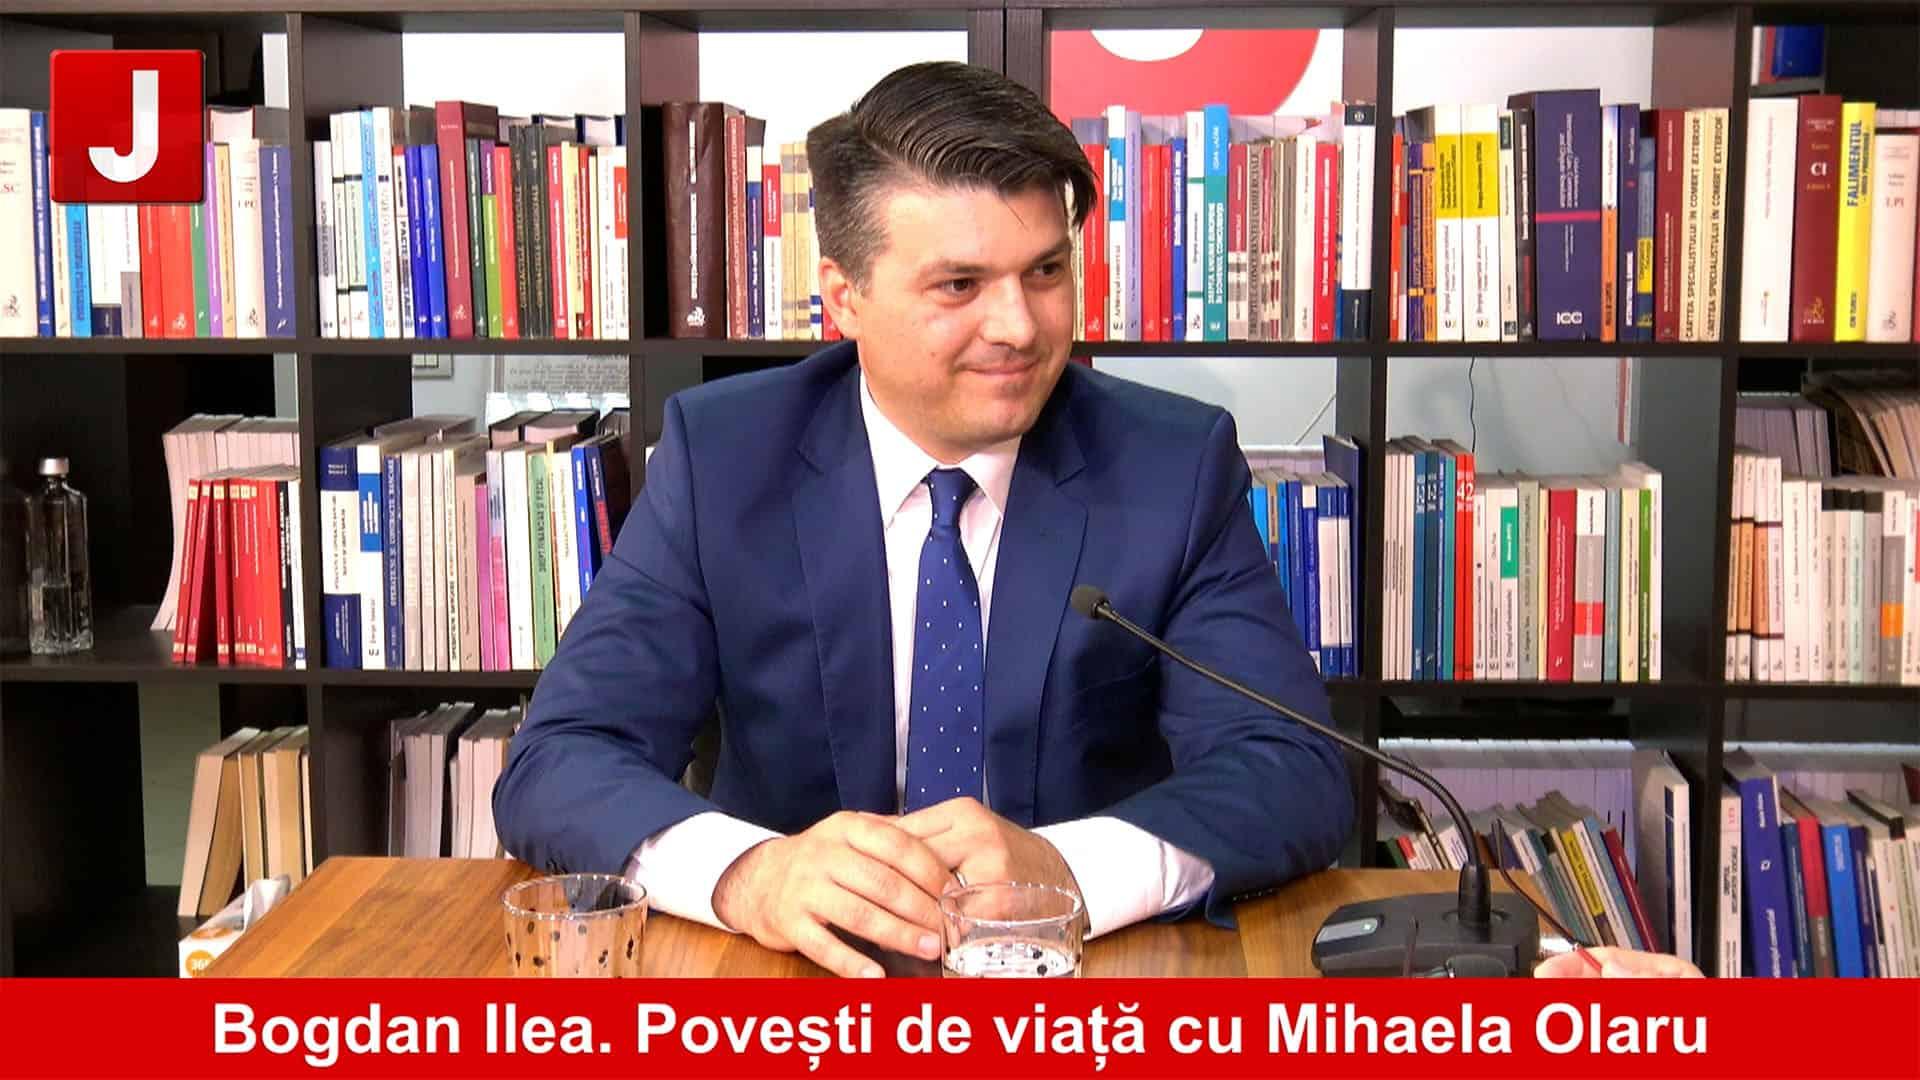 Un spirit justițiar dedicat unei națiuni, Bogdan Ilea   Povești de viață cu Mihaela Olaru